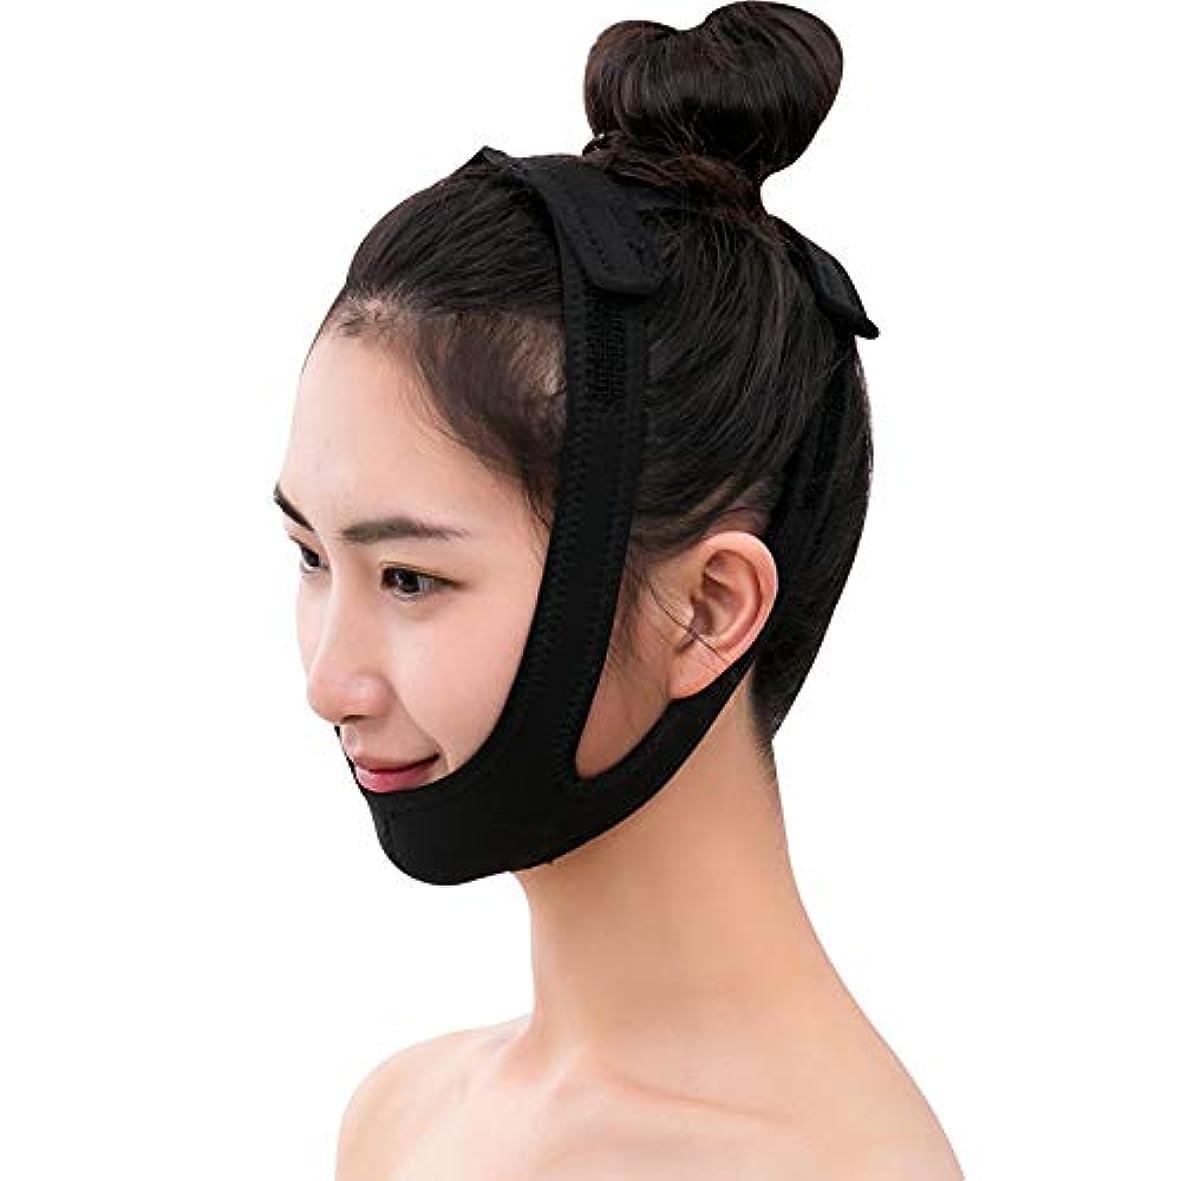 権利を与えるせせらぎやさしい薄いフェイスバンド - 薄い顔の包帯ビューティーインストゥルメントフェイシャルリフト睡眠マスク法Vフェイスマスクの通気性を作る